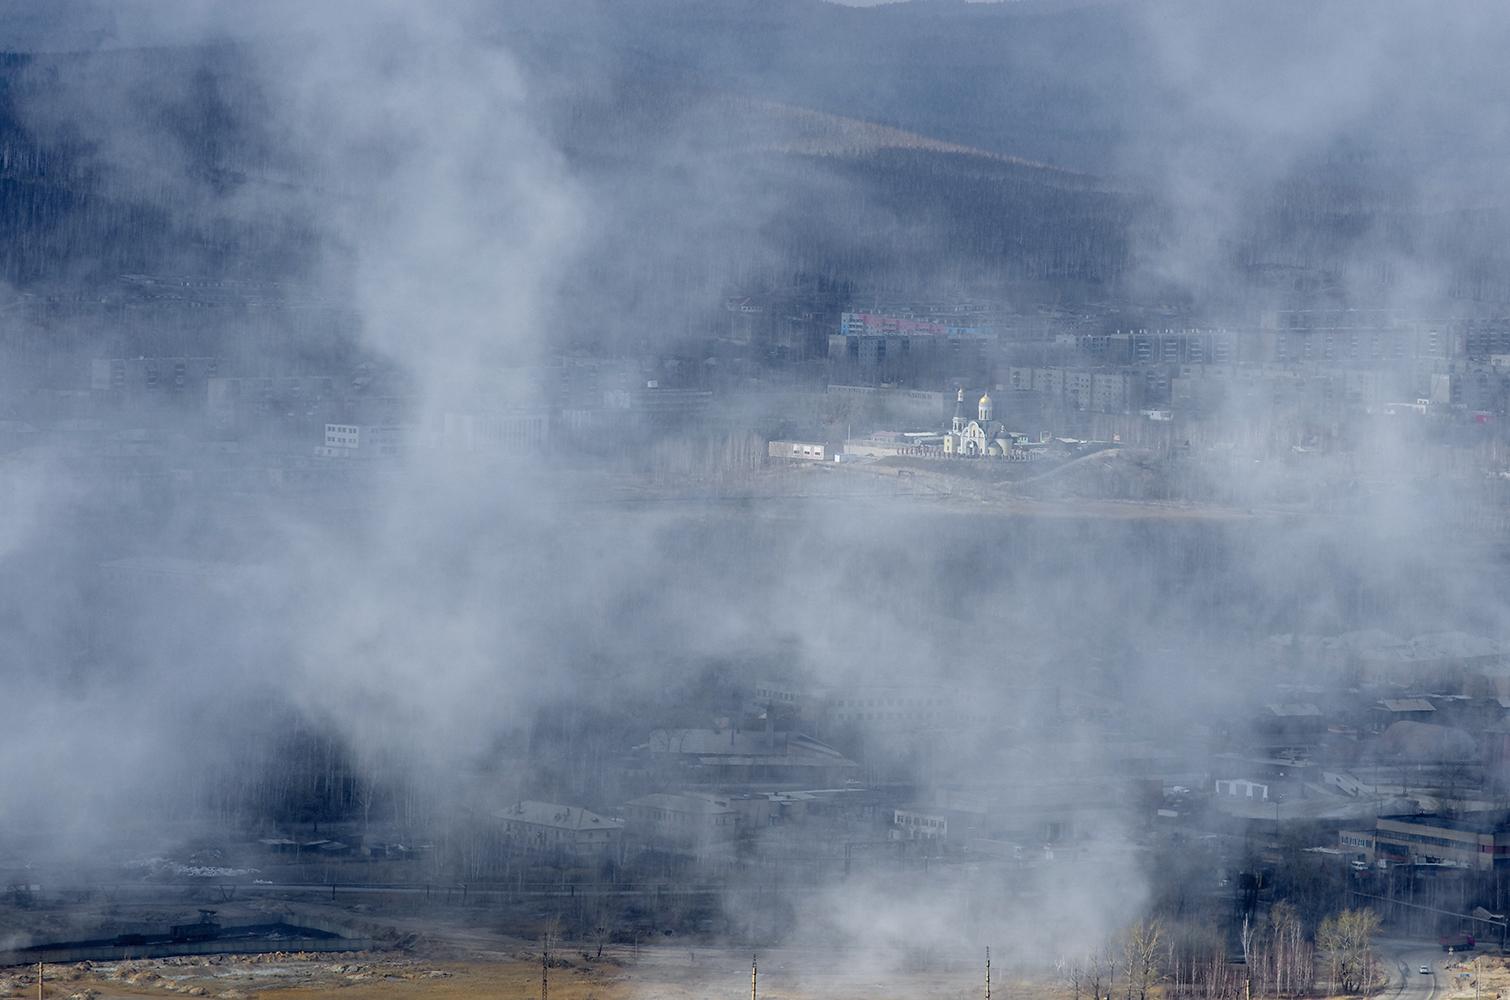 チェリャビンスク州のカラバシュ市が、世界でもっとも汚染された街としてユネスコに認定されたと、多くのメディアが伝えている。同市の市長や市政府は、メディアがこの事実を証明する書類の名称も日付も一切伝えていないとして、認定を否定している。